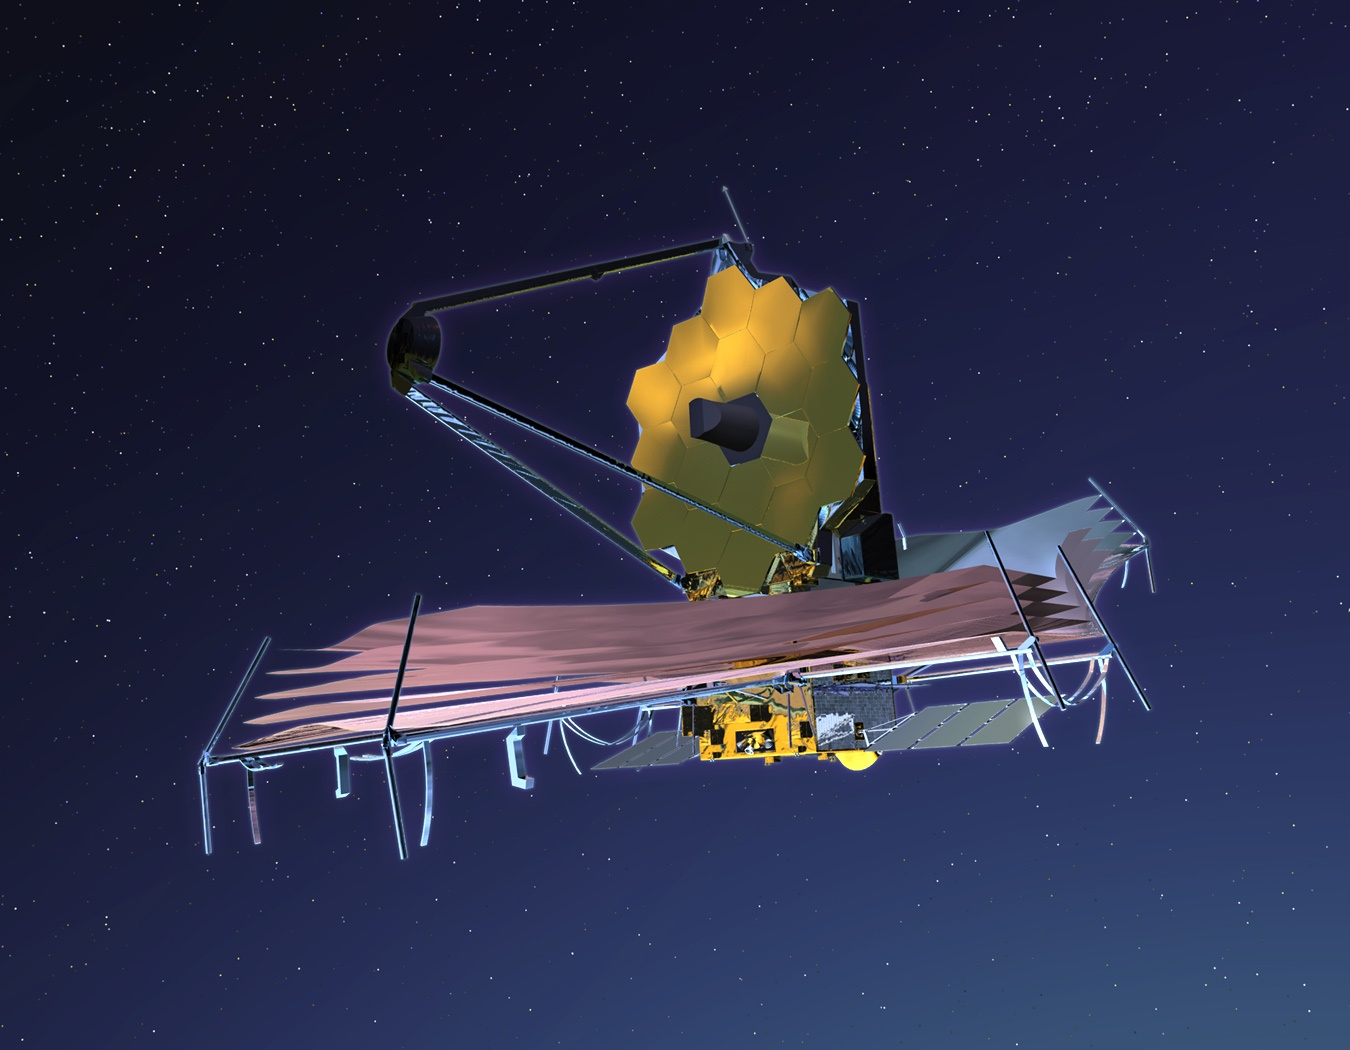 «Джеймс Уэбб» почти готов: НАСА предлагает ученым присылать предложения для работы с телескопом - 5